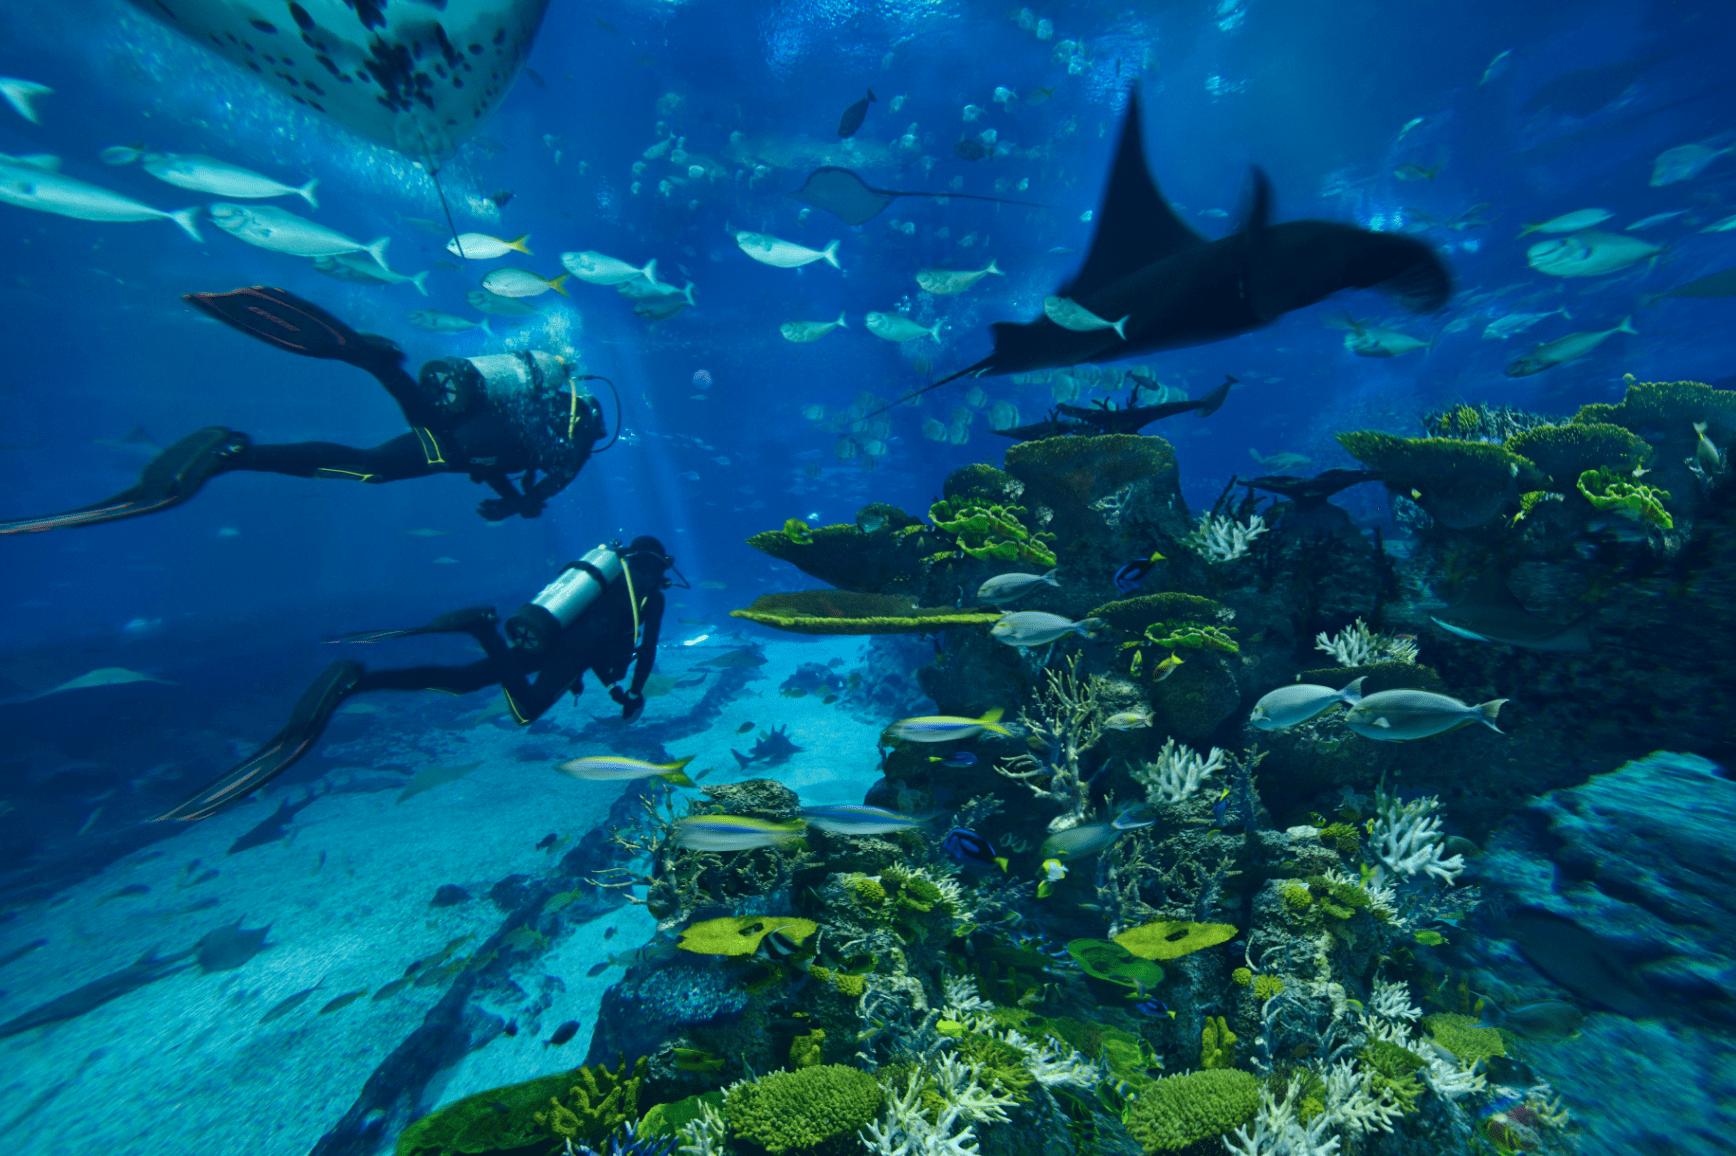 Sentosa attraction tips - S.E.A. Aquarium